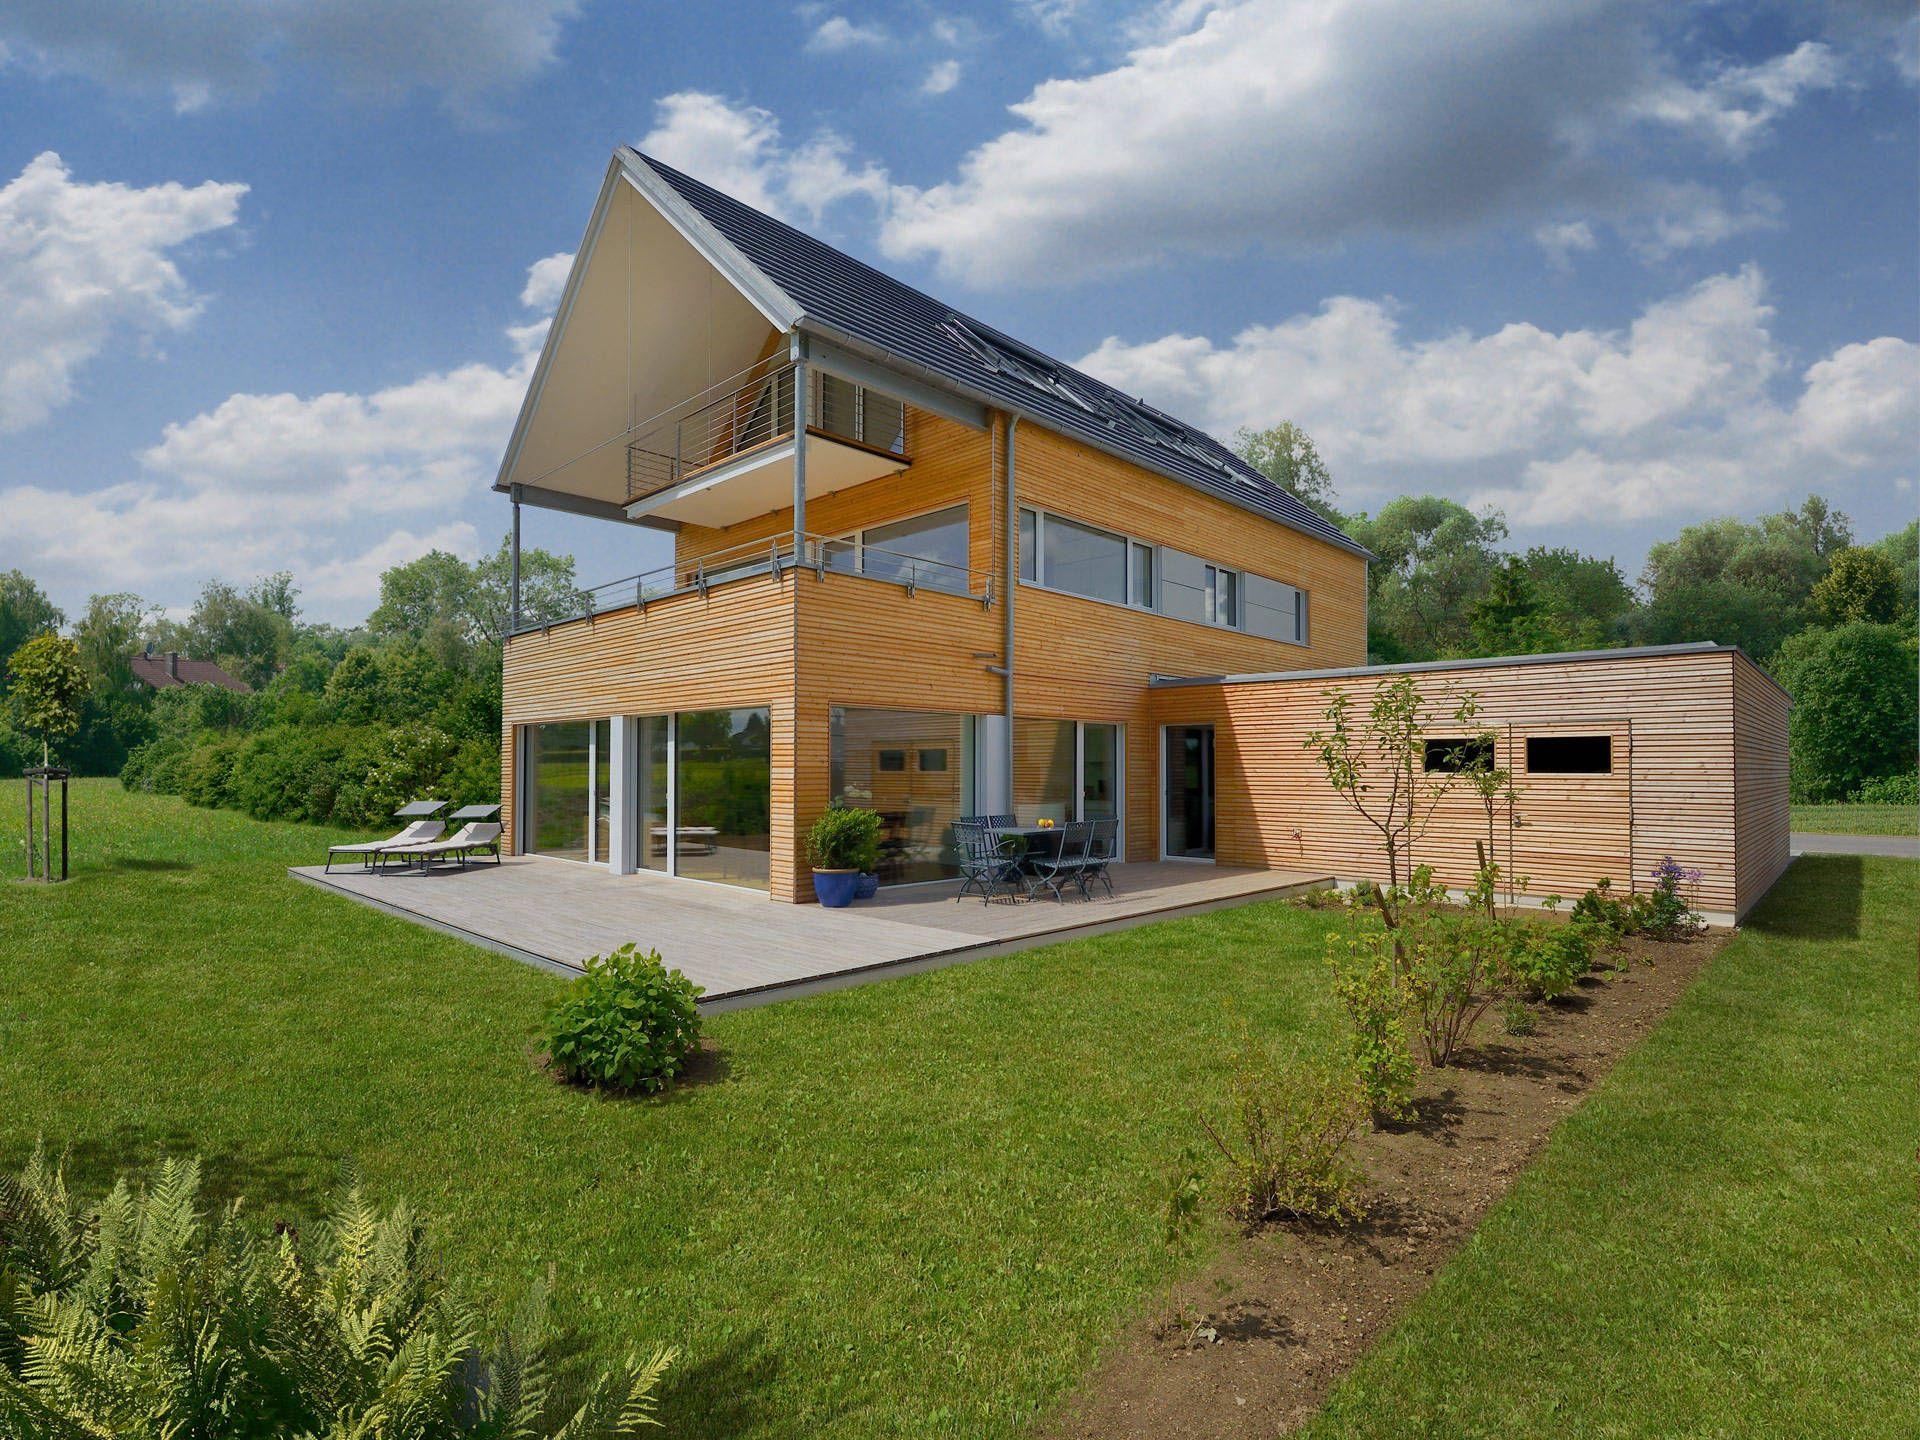 Mehrfamilienhaus rstling von Baufritz • Ökologisches Holzhaus mit ...